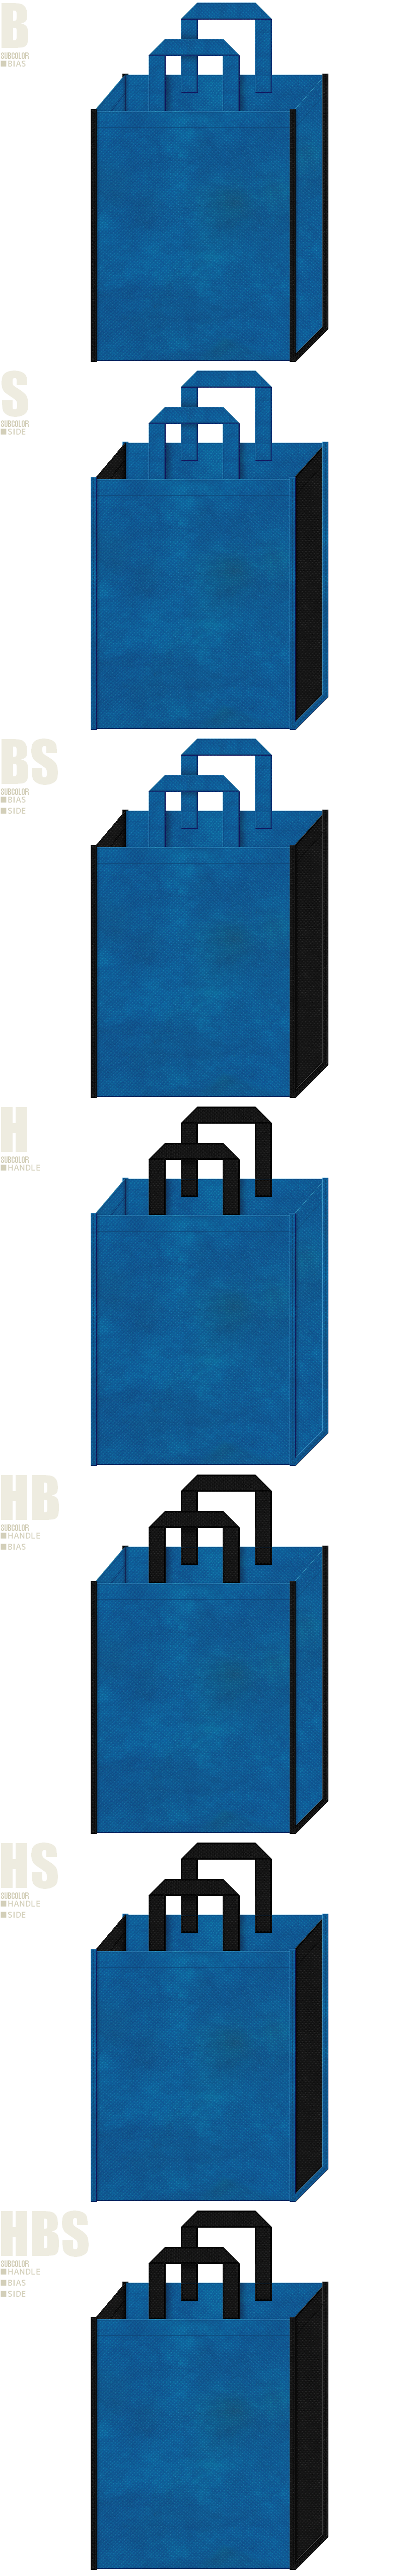 ゲームのバッグノベルティにお奨めの、青色と黒色-7パターンの不織布トートバッグ配色デザイン例。騎士・剣・ドラゴンのシルエット印刷がお奨めです。